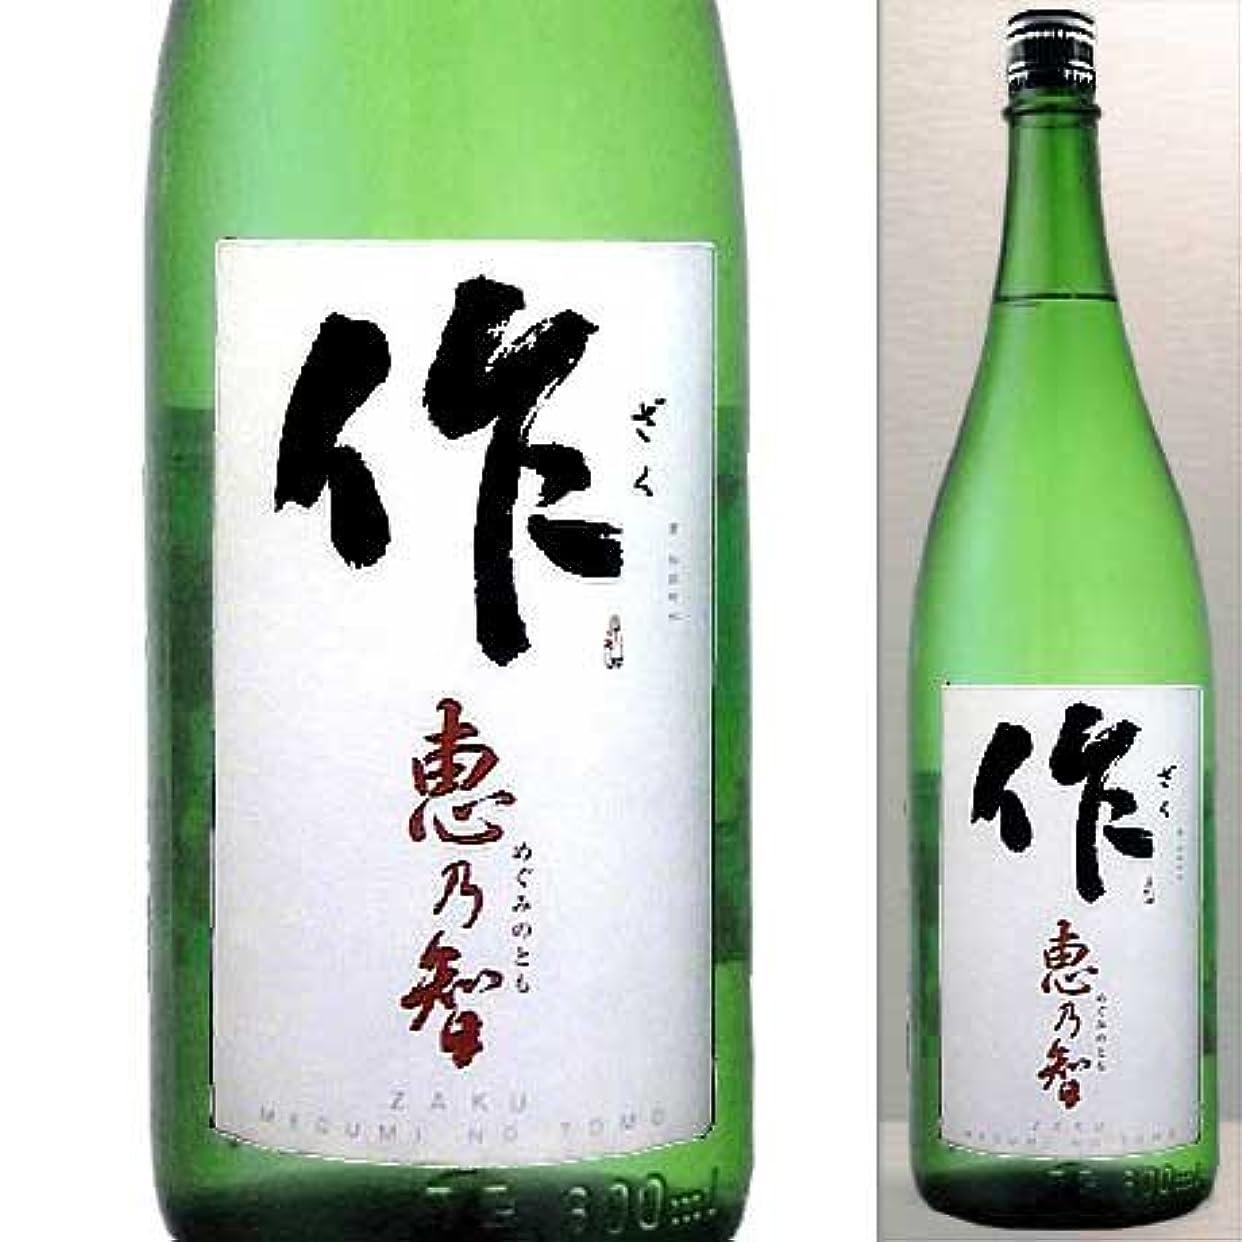 罰凍る主導権作 恵乃智 純米吟醸酒 ざく めぐみのとも 1800ml 日本酒 1.8